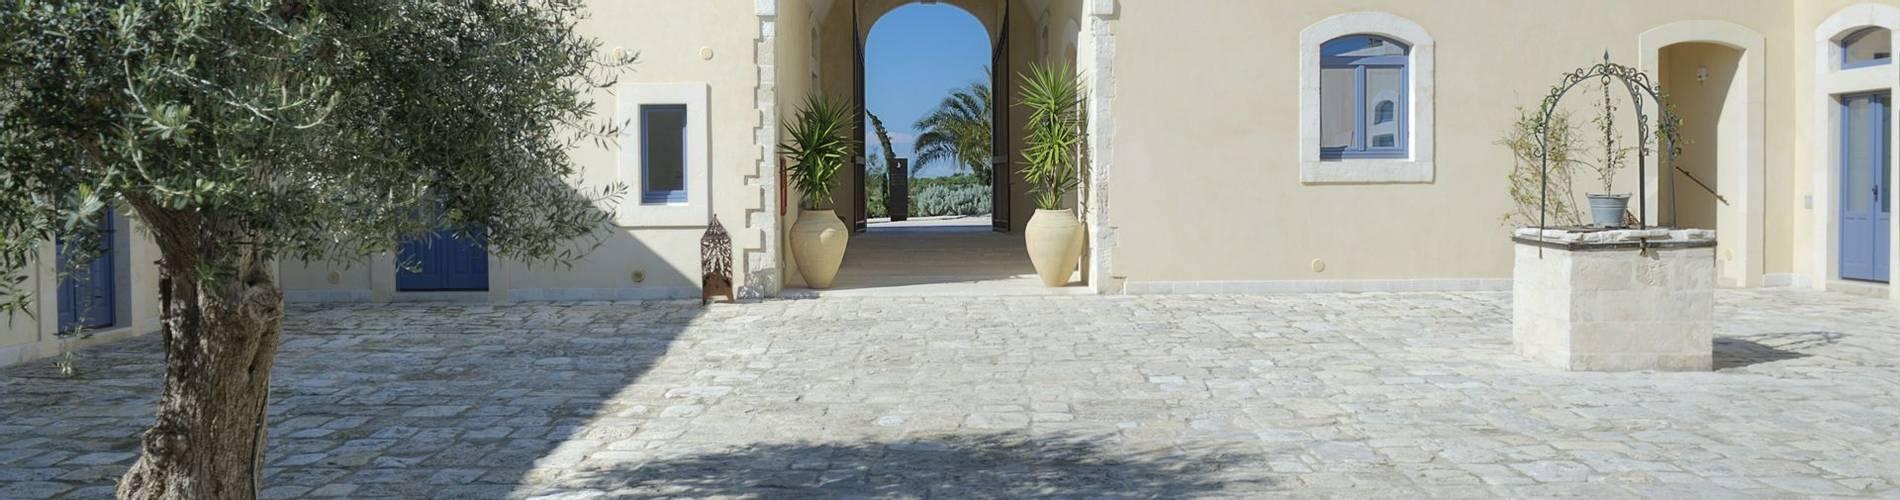 Masseria Della Volpe, Sicily, Italy (30).jpg